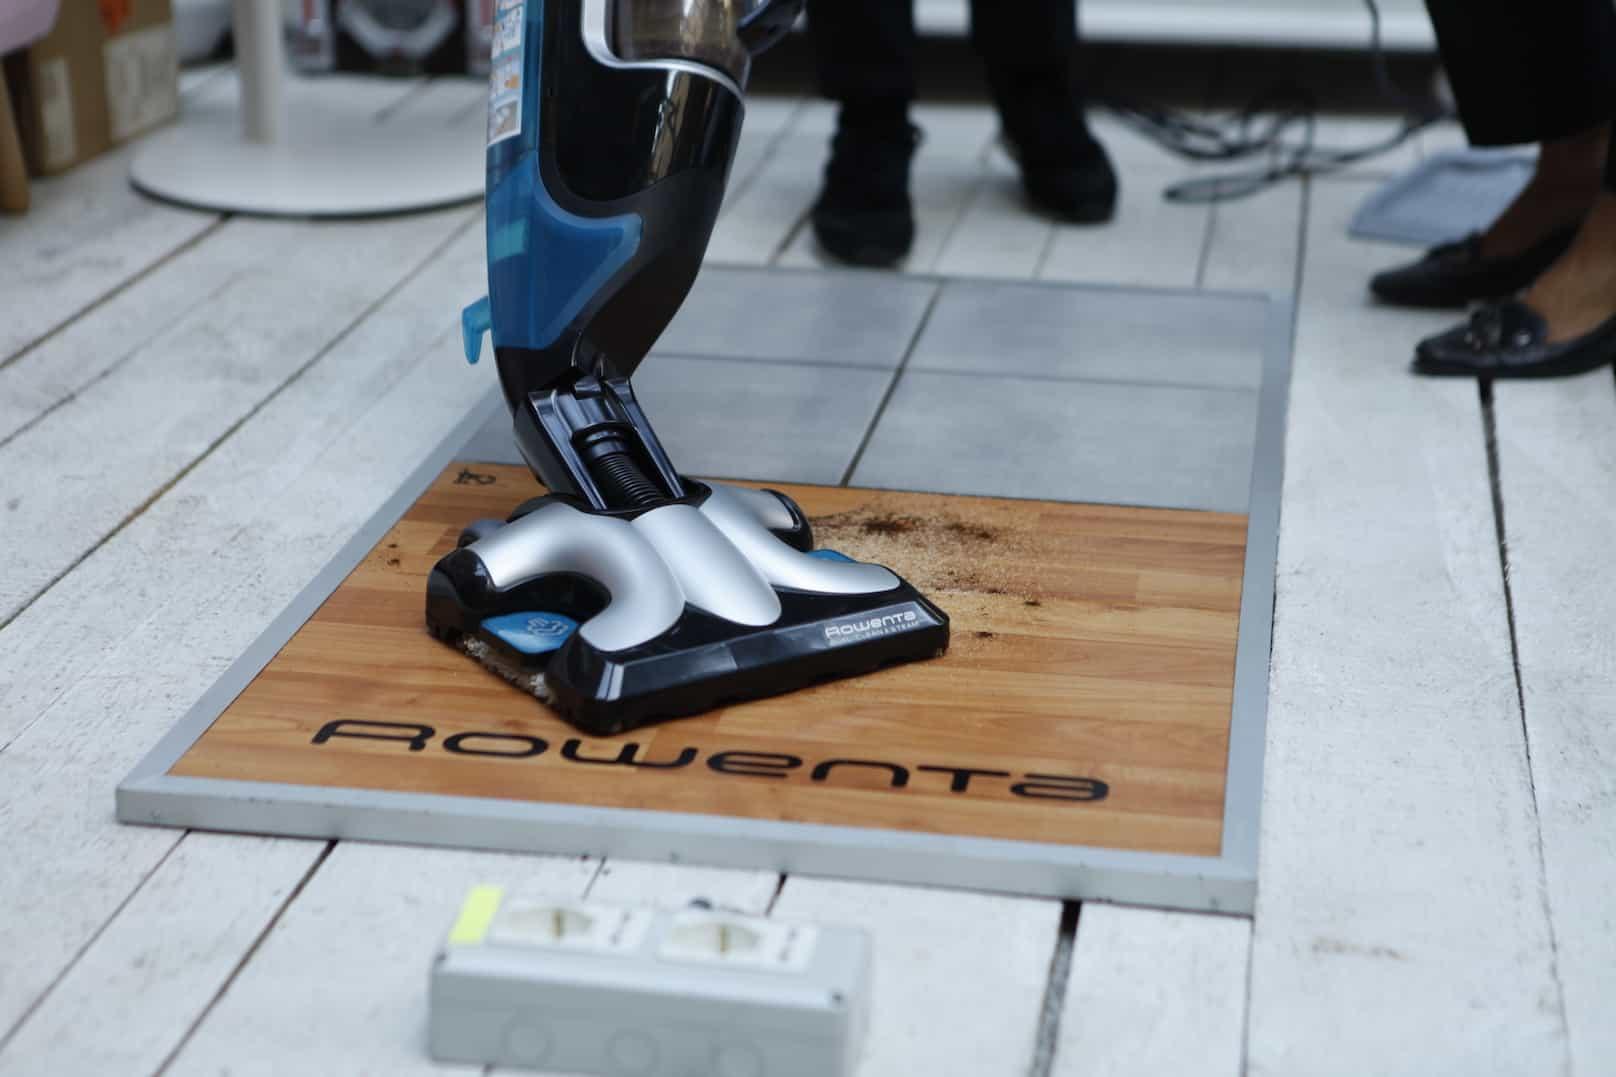 Da Rowenta arriva Clean & Steam, l'innovativa scopa elettrica che aspira e igienizza a vapore con una sola passata